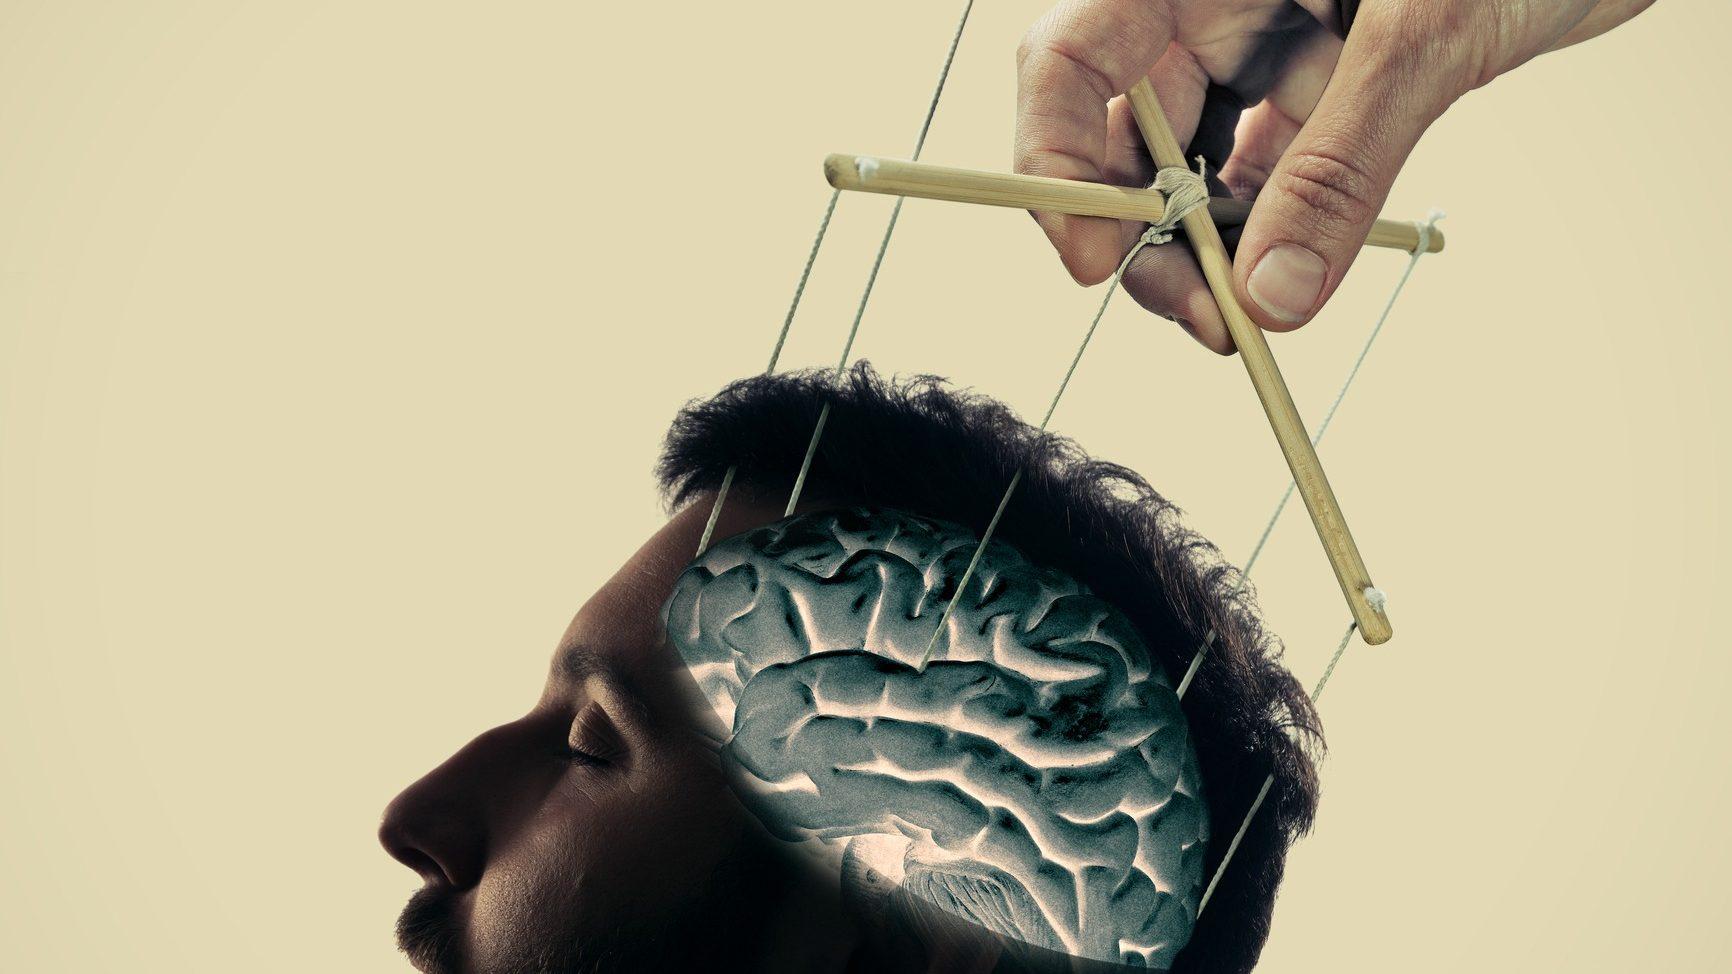 mind-control-e1550618957864